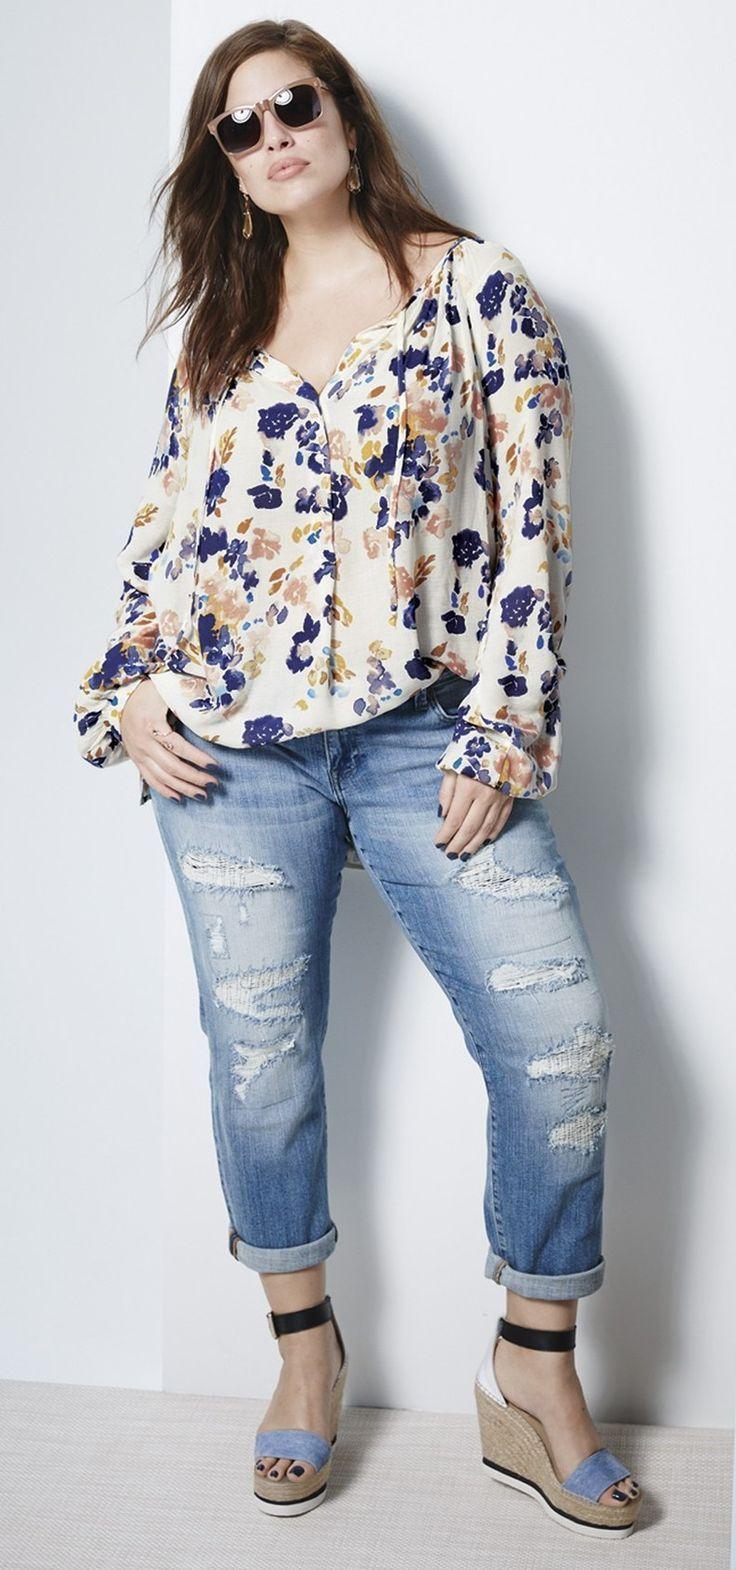 509cce967bb Plus Size Fashion - Plus Size Outfit - Plus Size Peasant Top